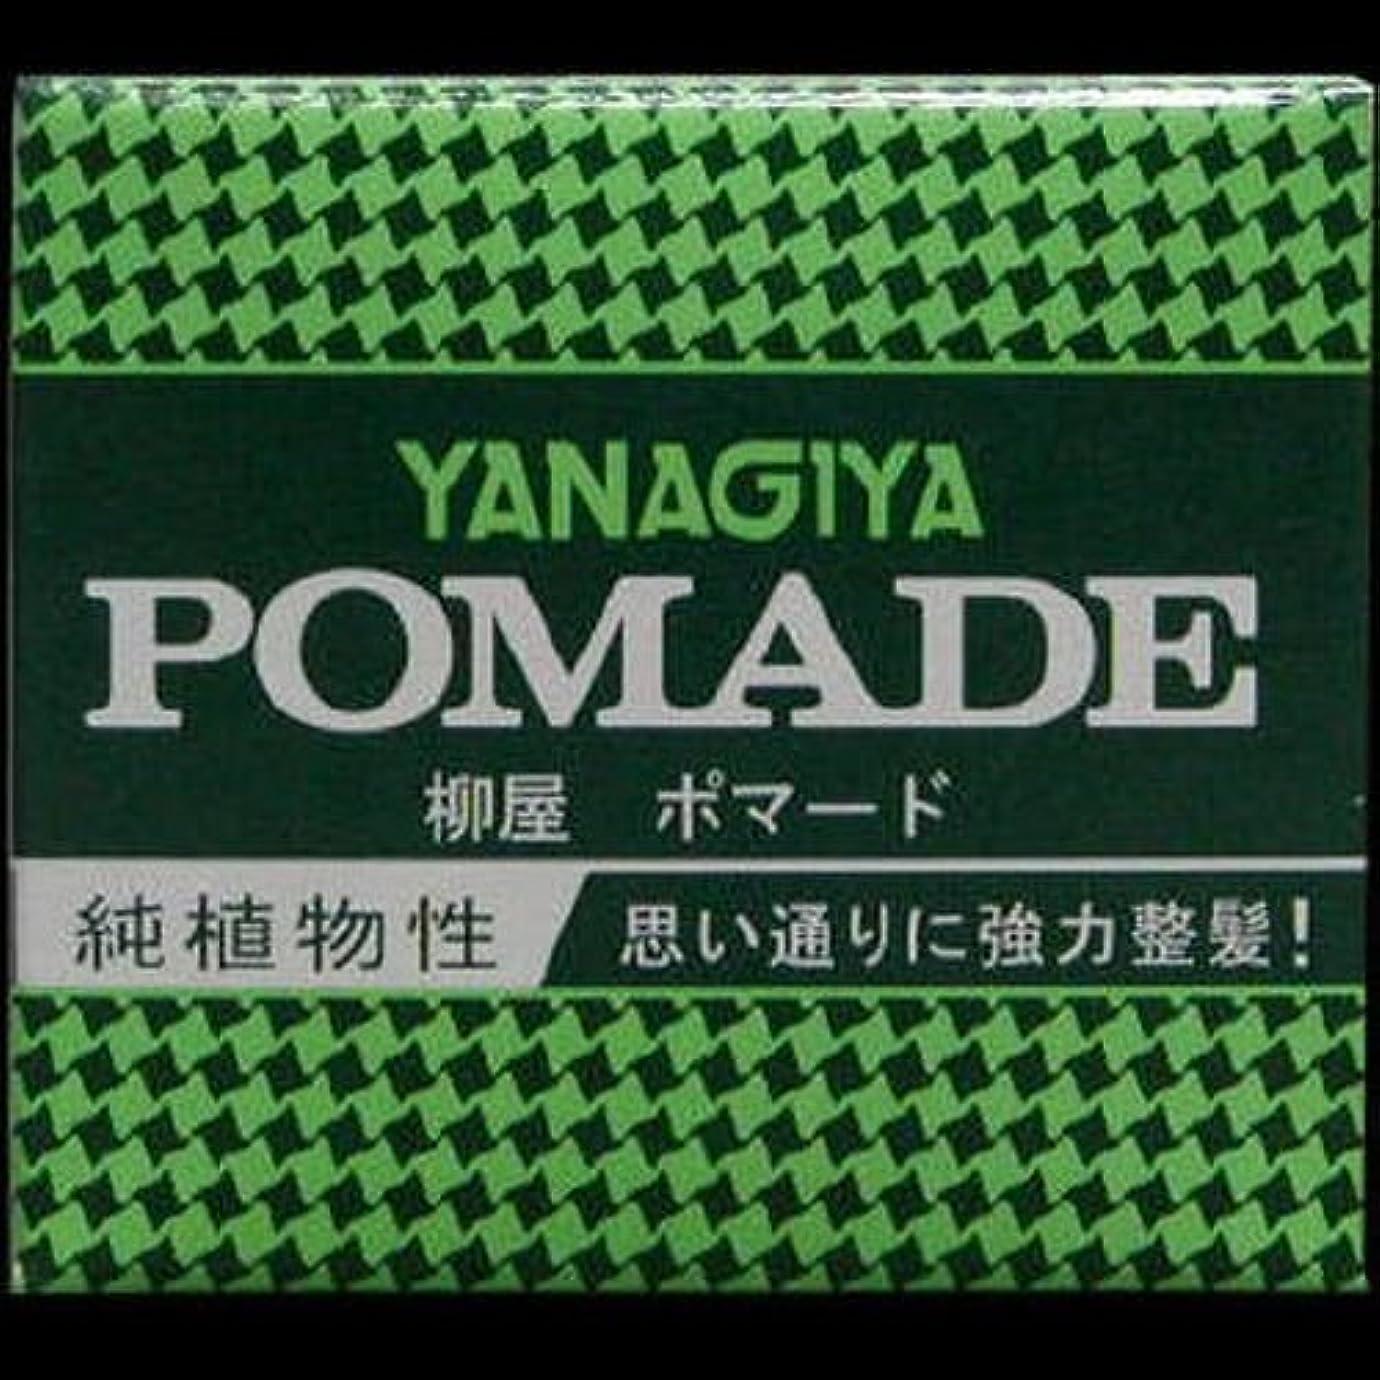 鮫リダクター終わらせる【まとめ買い】柳屋 ポマード小 63g ×2セット